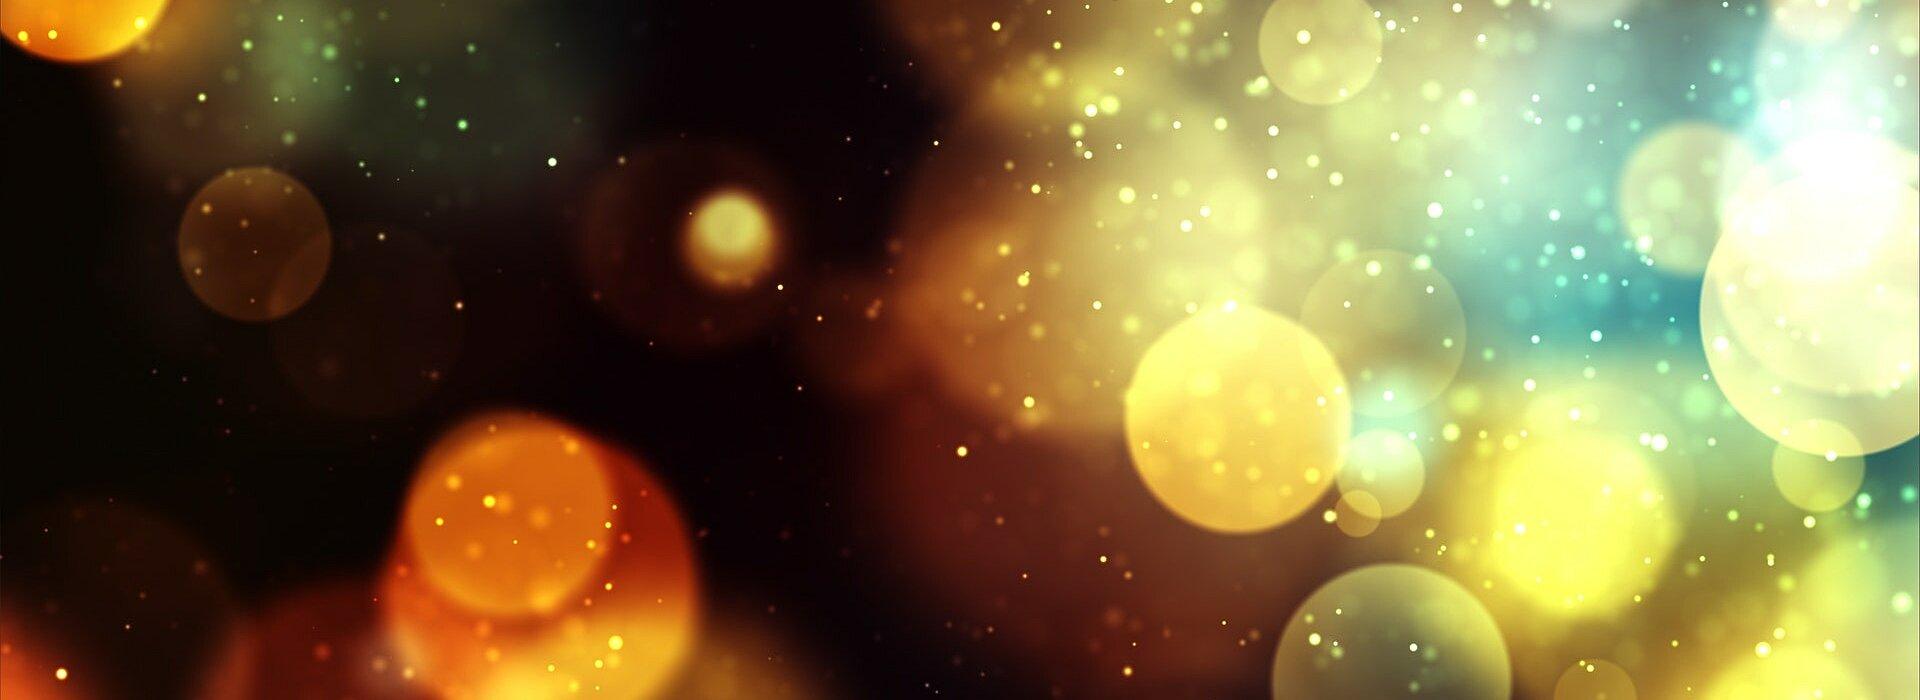 a imagem traz luzes desfocadas em várias cores